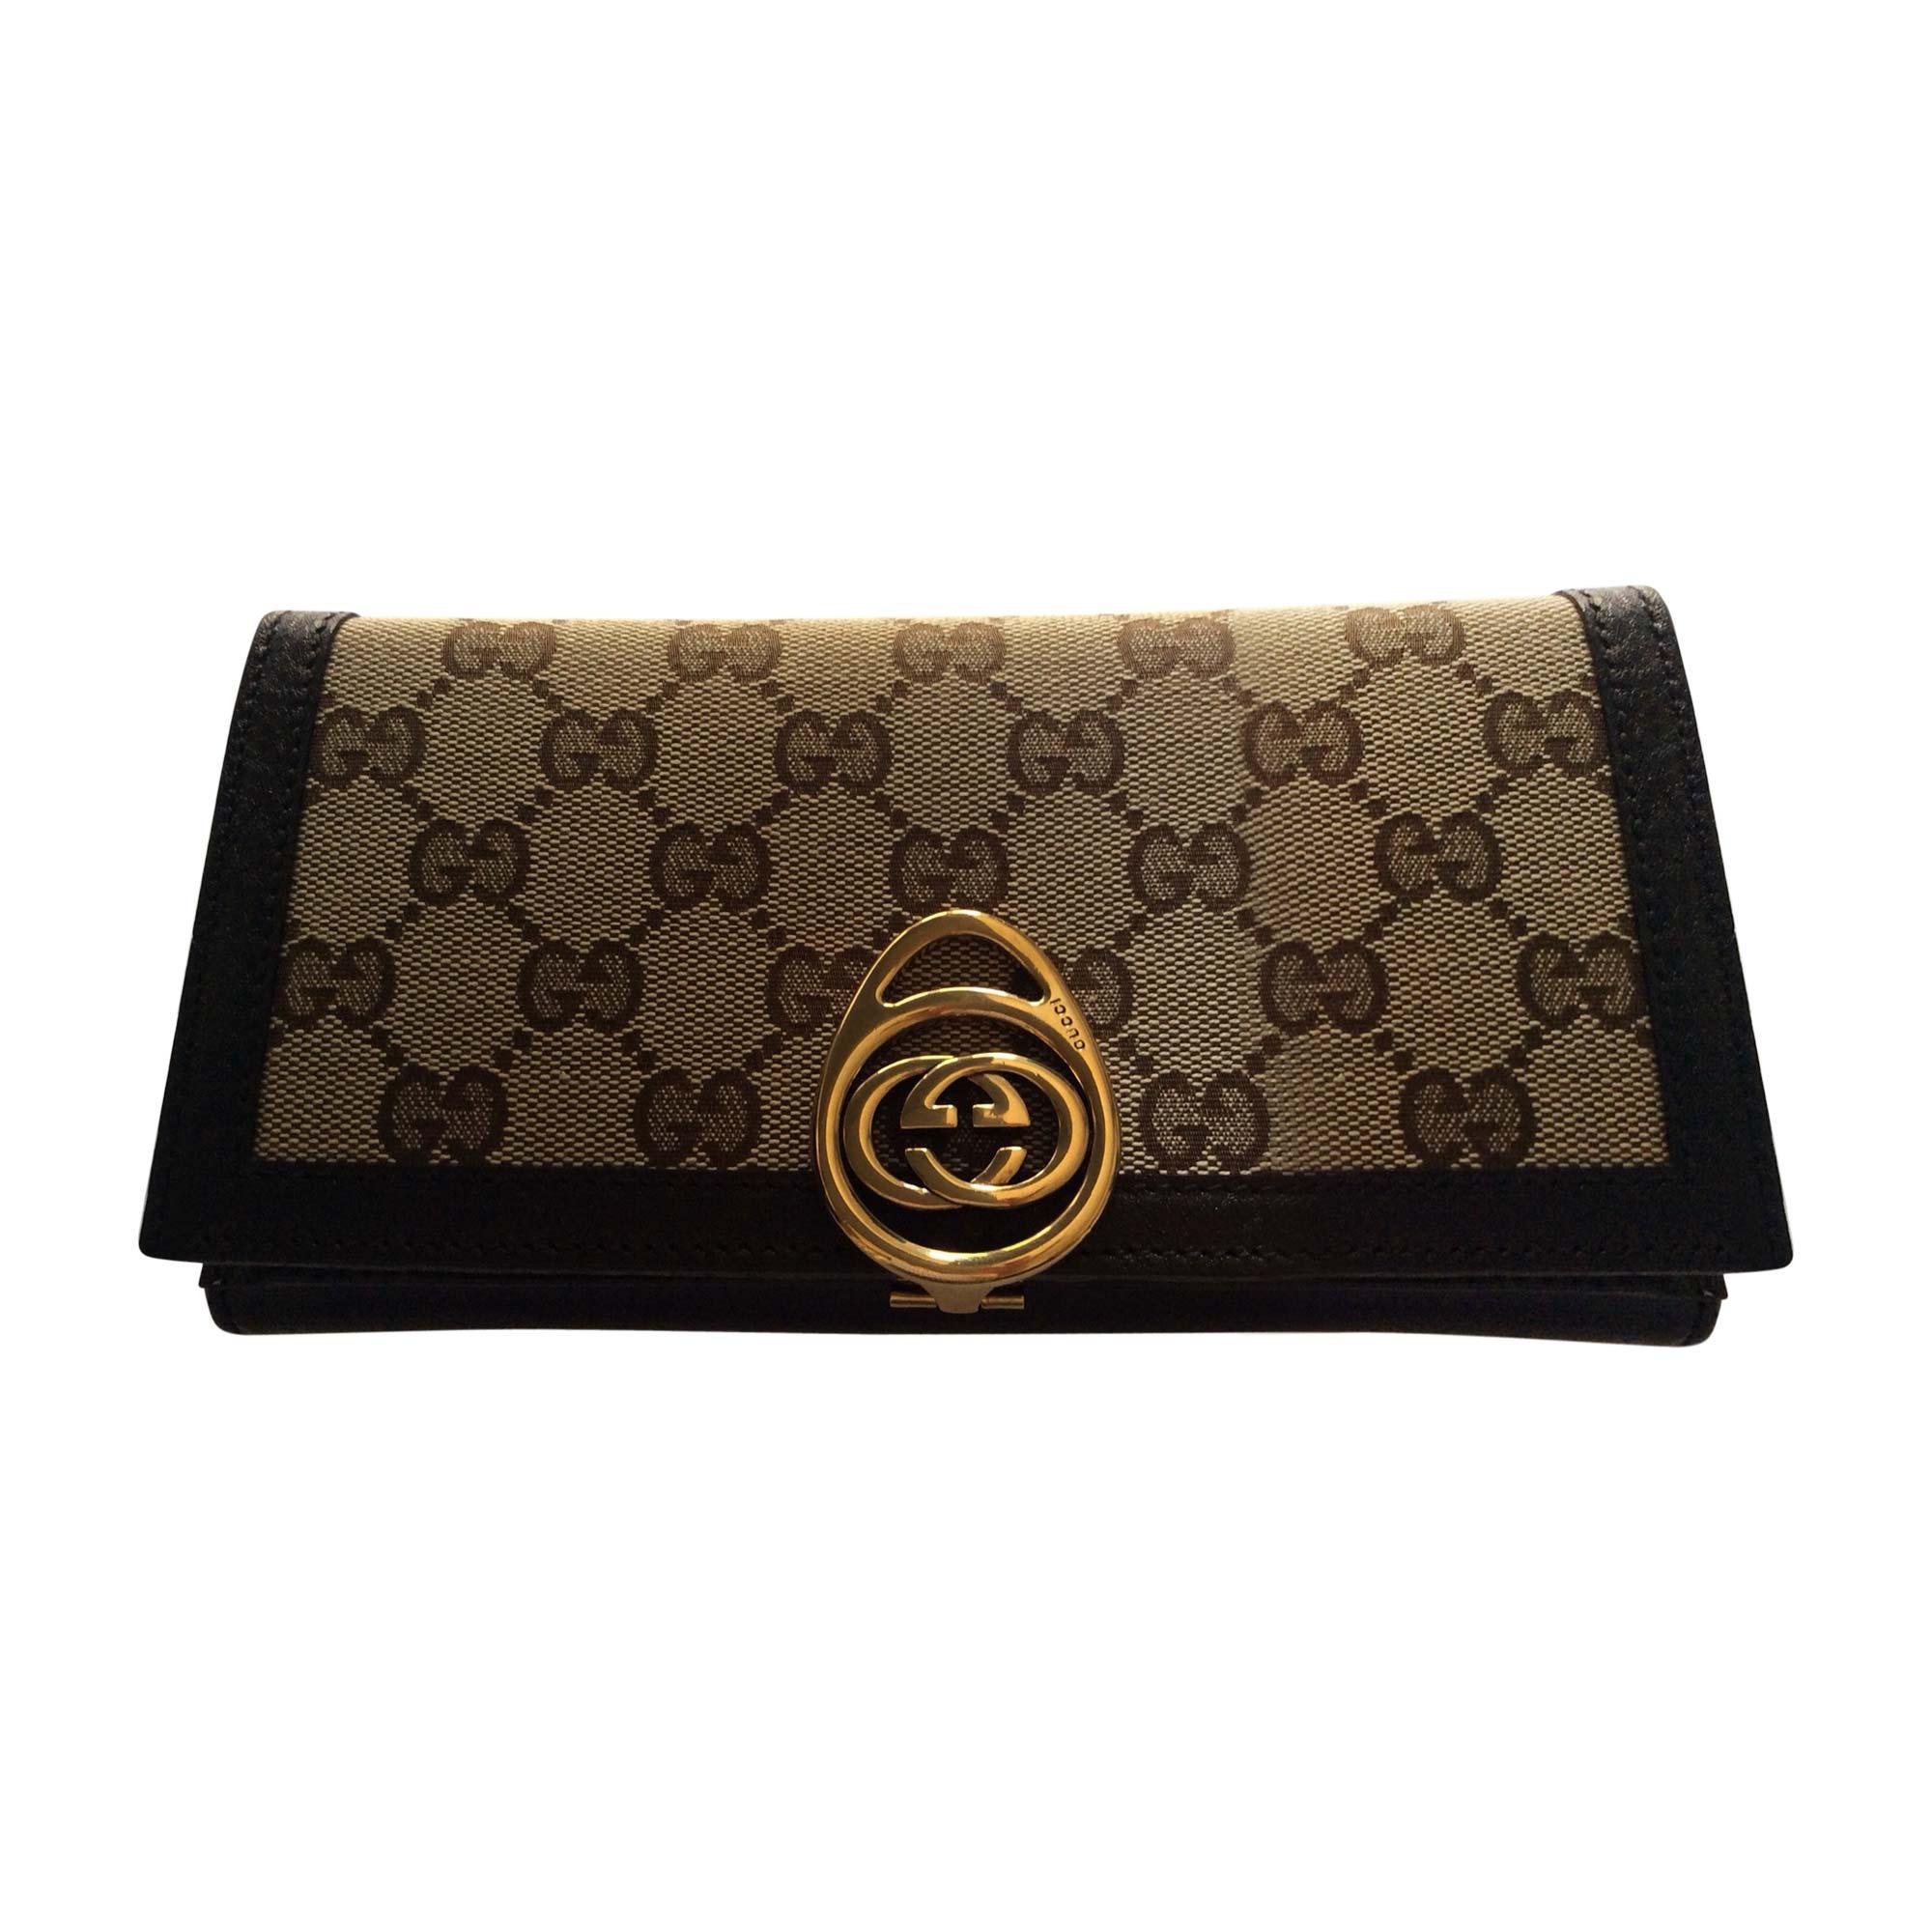 Portafoglio GUCCI dorato vendu par Valfa - 7804403 25627a29cc6a